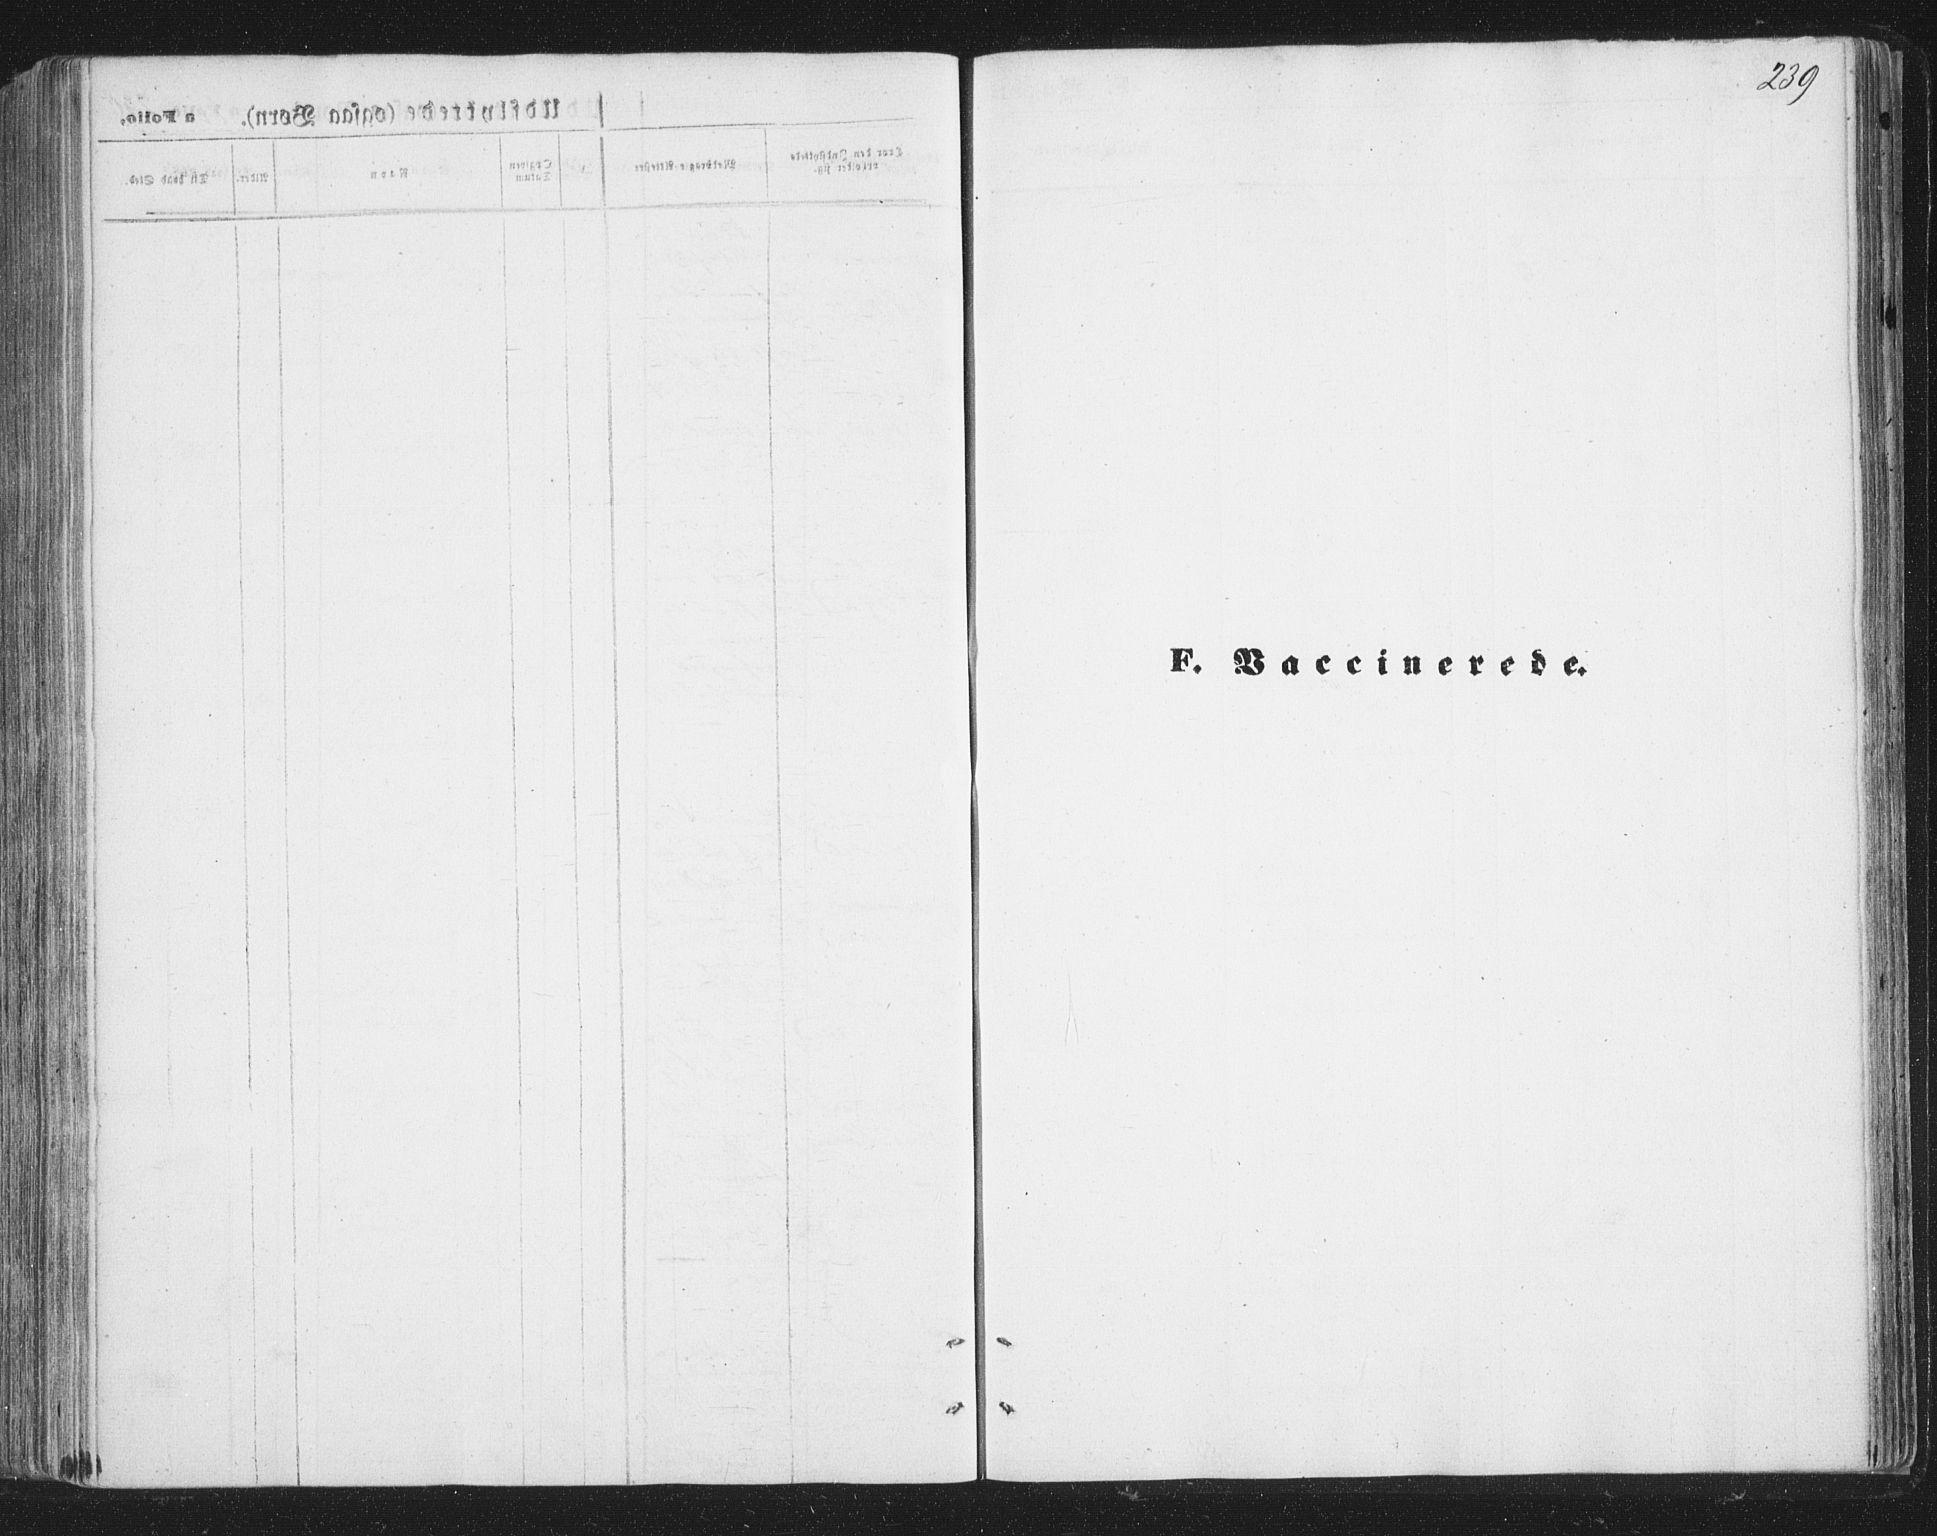 SATØ, Tromsø sokneprestkontor/stiftsprosti/domprosti, G/Ga/L0012kirke: Ministerialbok nr. 12, 1865-1871, s. 239